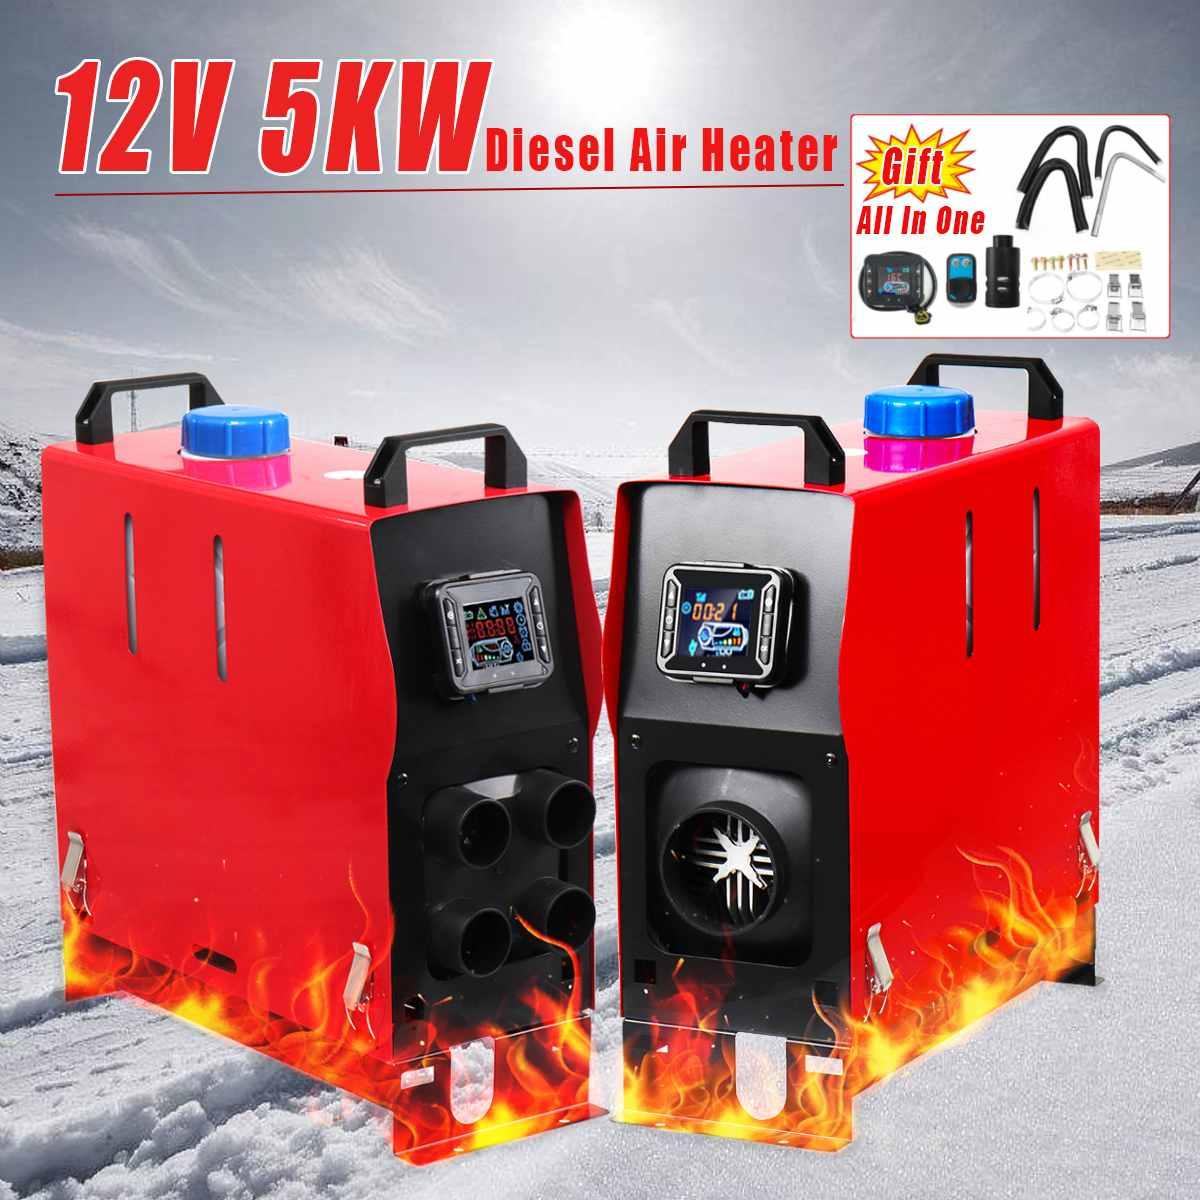 Con Monitor di Controllo Remoto 12 V 5KW All In 1 LCD 1/4 Fori Diesel-Riscaldatore Ad Aria PLANARE Per Auto camion Rimorchio A Basso Rumore Automatico